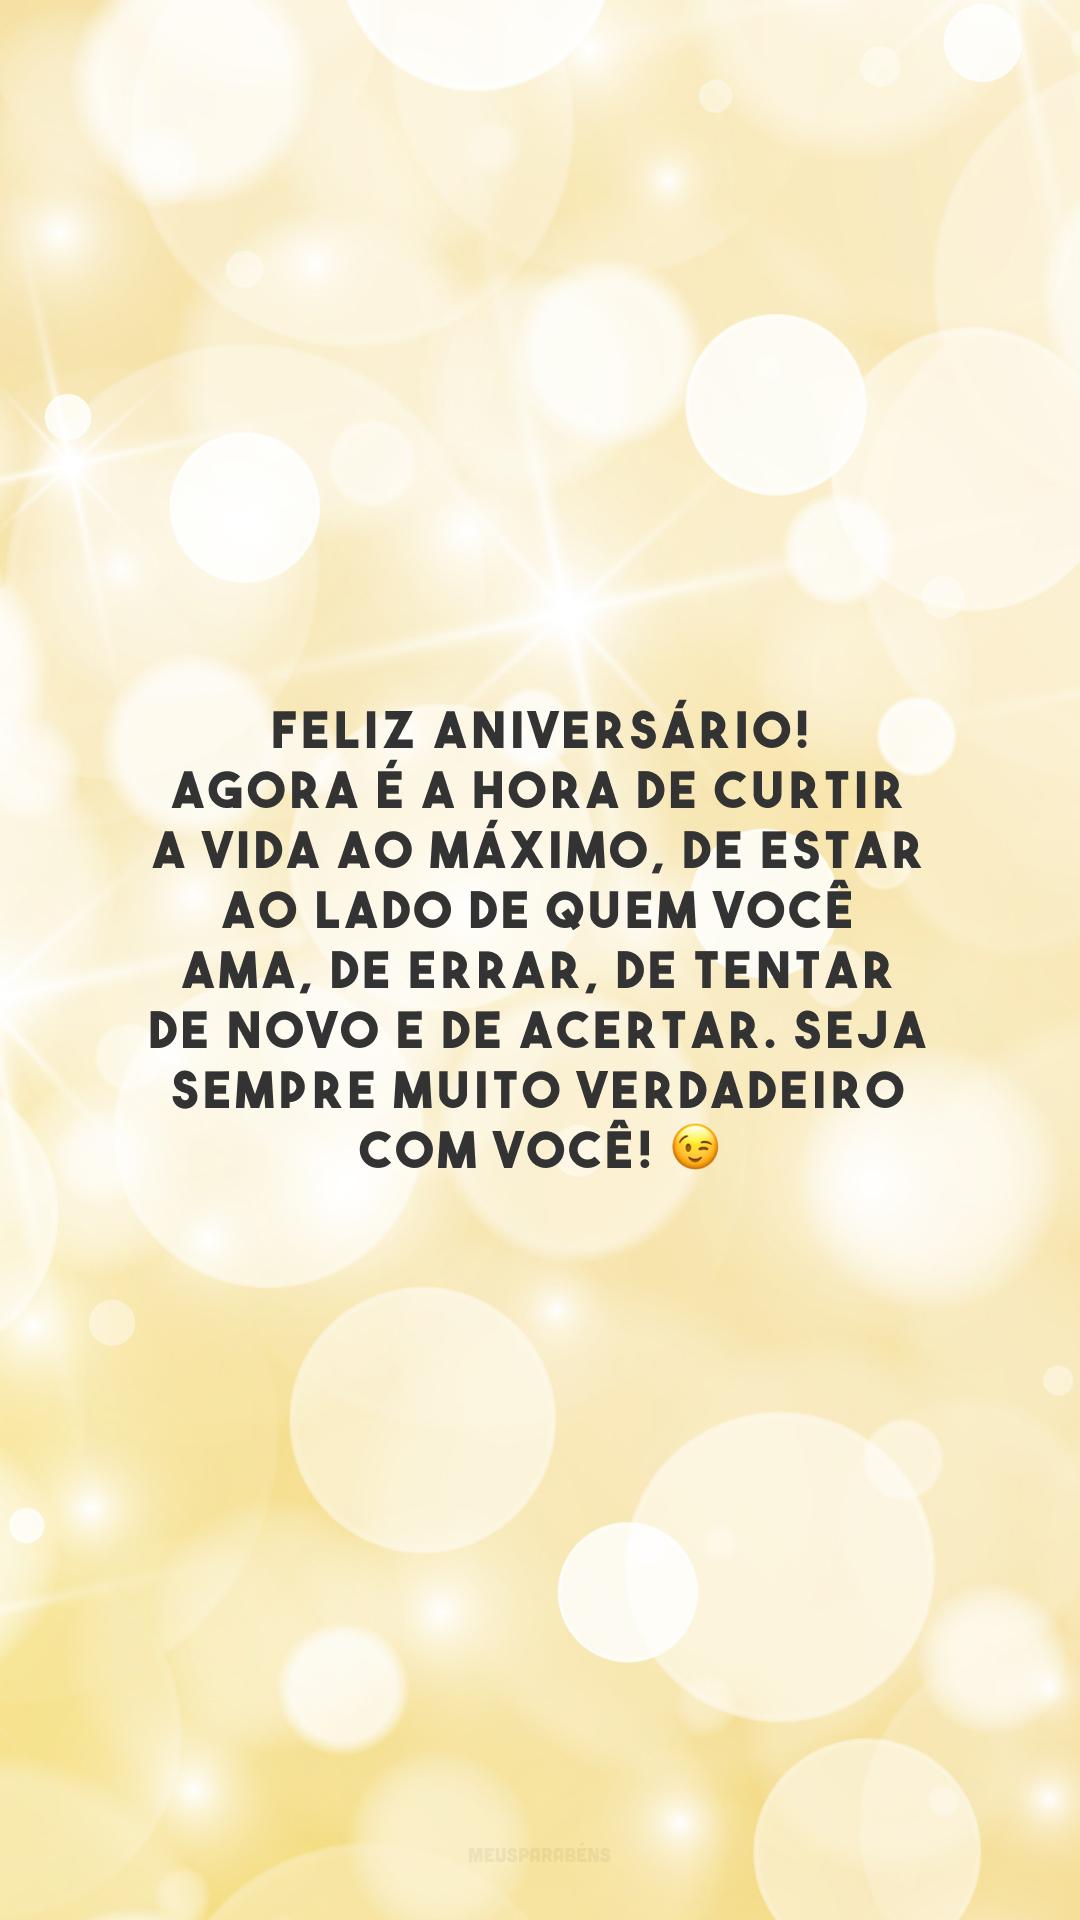 Feliz aniversário! Agora é a hora de curtir a vida ao máximo, de estar ao lado de quem você ama, de errar, de tentar de novo e de acertar. Seja sempre muito verdadeiro com você!